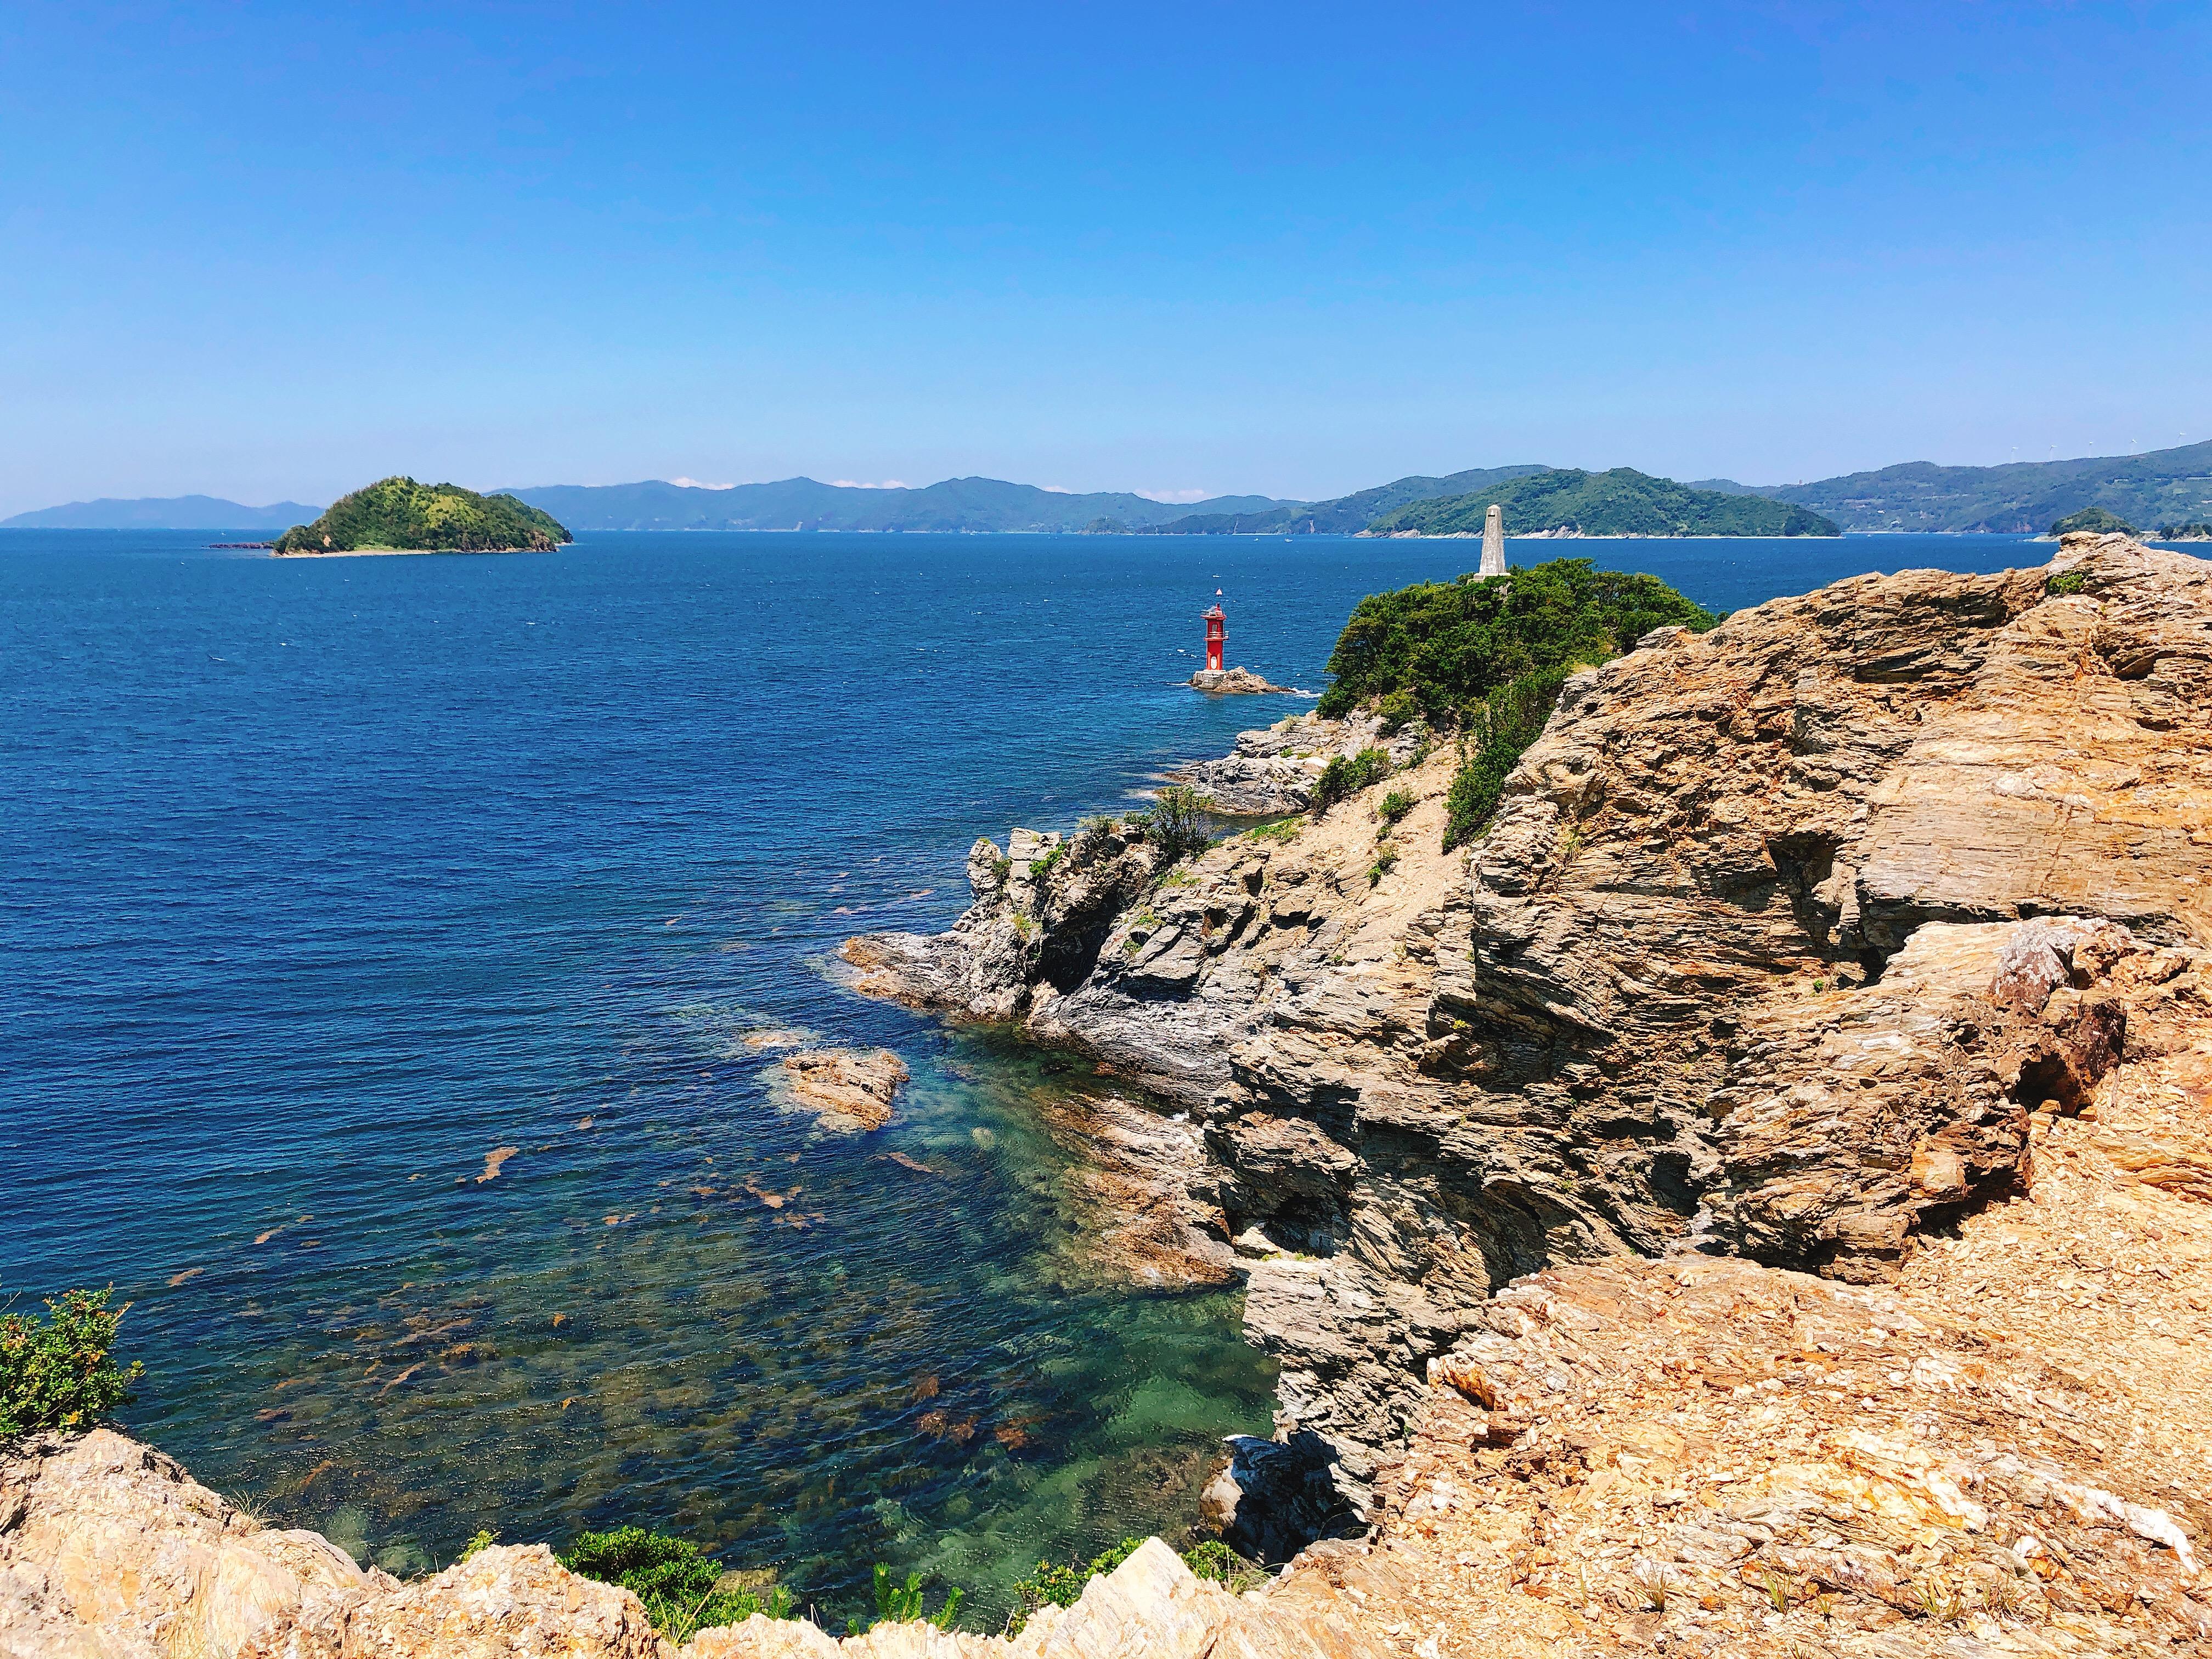 宇和海の絶景と大自然を堪能できる! 八幡浜の見る観光スポット「諏訪崎」(すわざき)へハイキングしてきたよ!